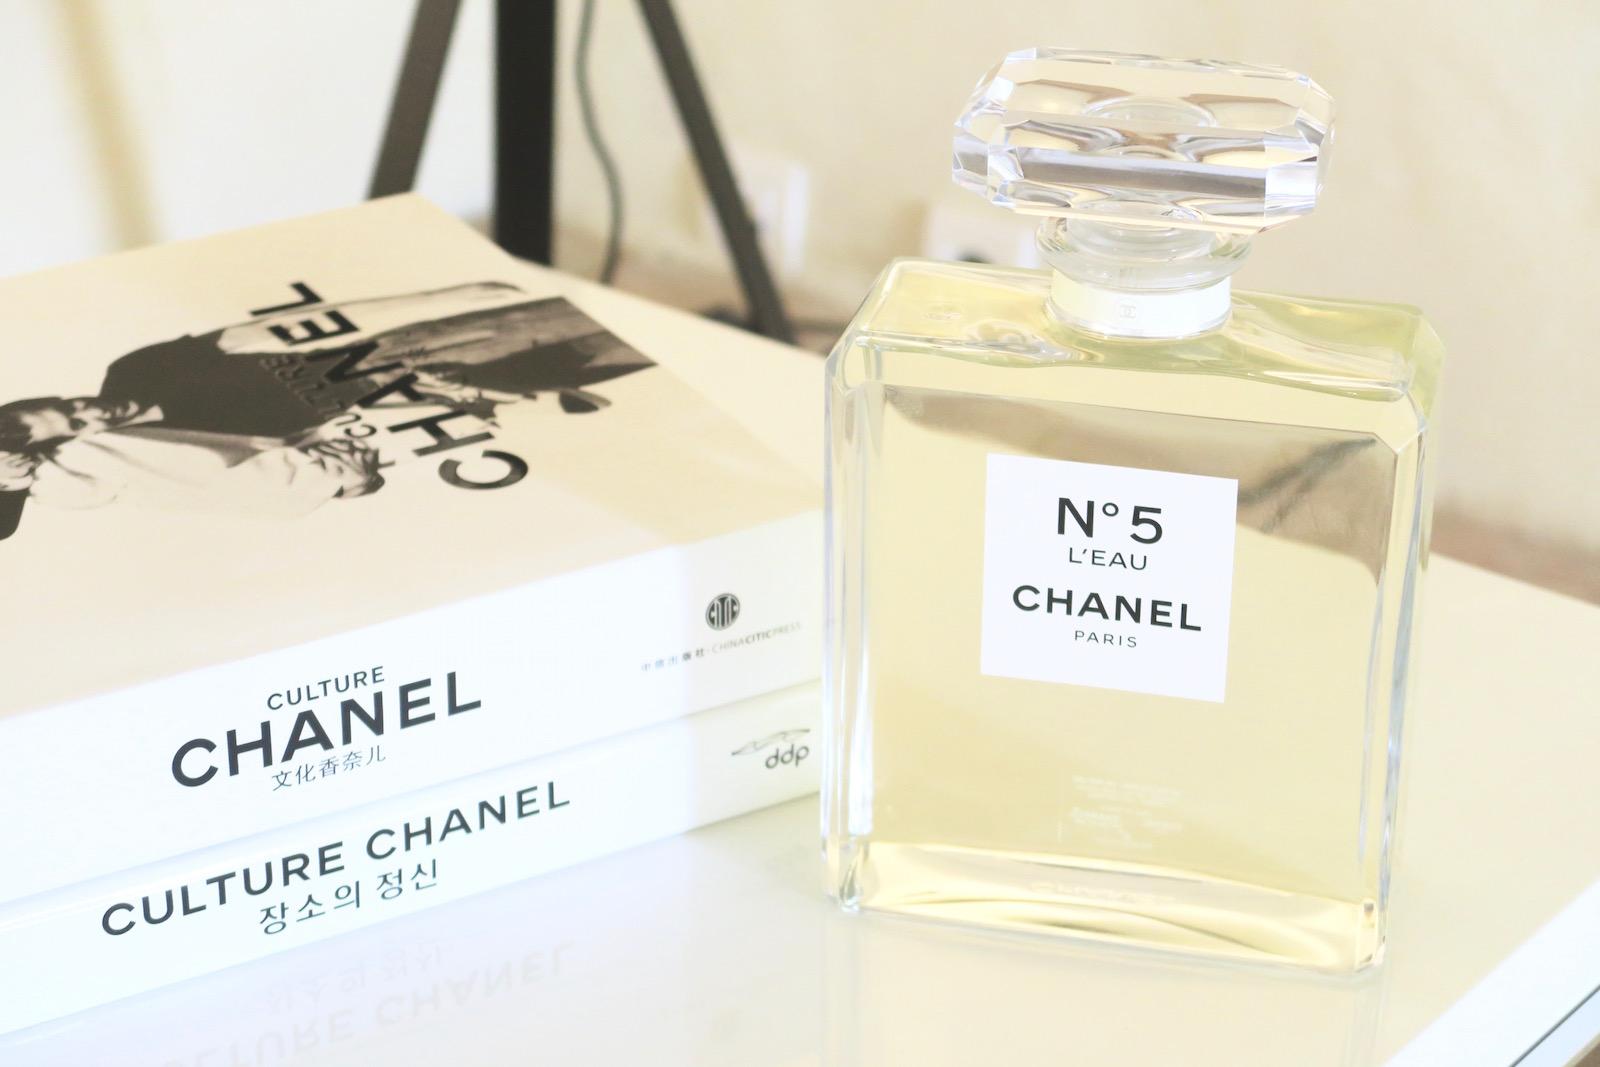 nov chanel 5 chanel n 5 l 39 eau lily rose depp diamond addict. Black Bedroom Furniture Sets. Home Design Ideas